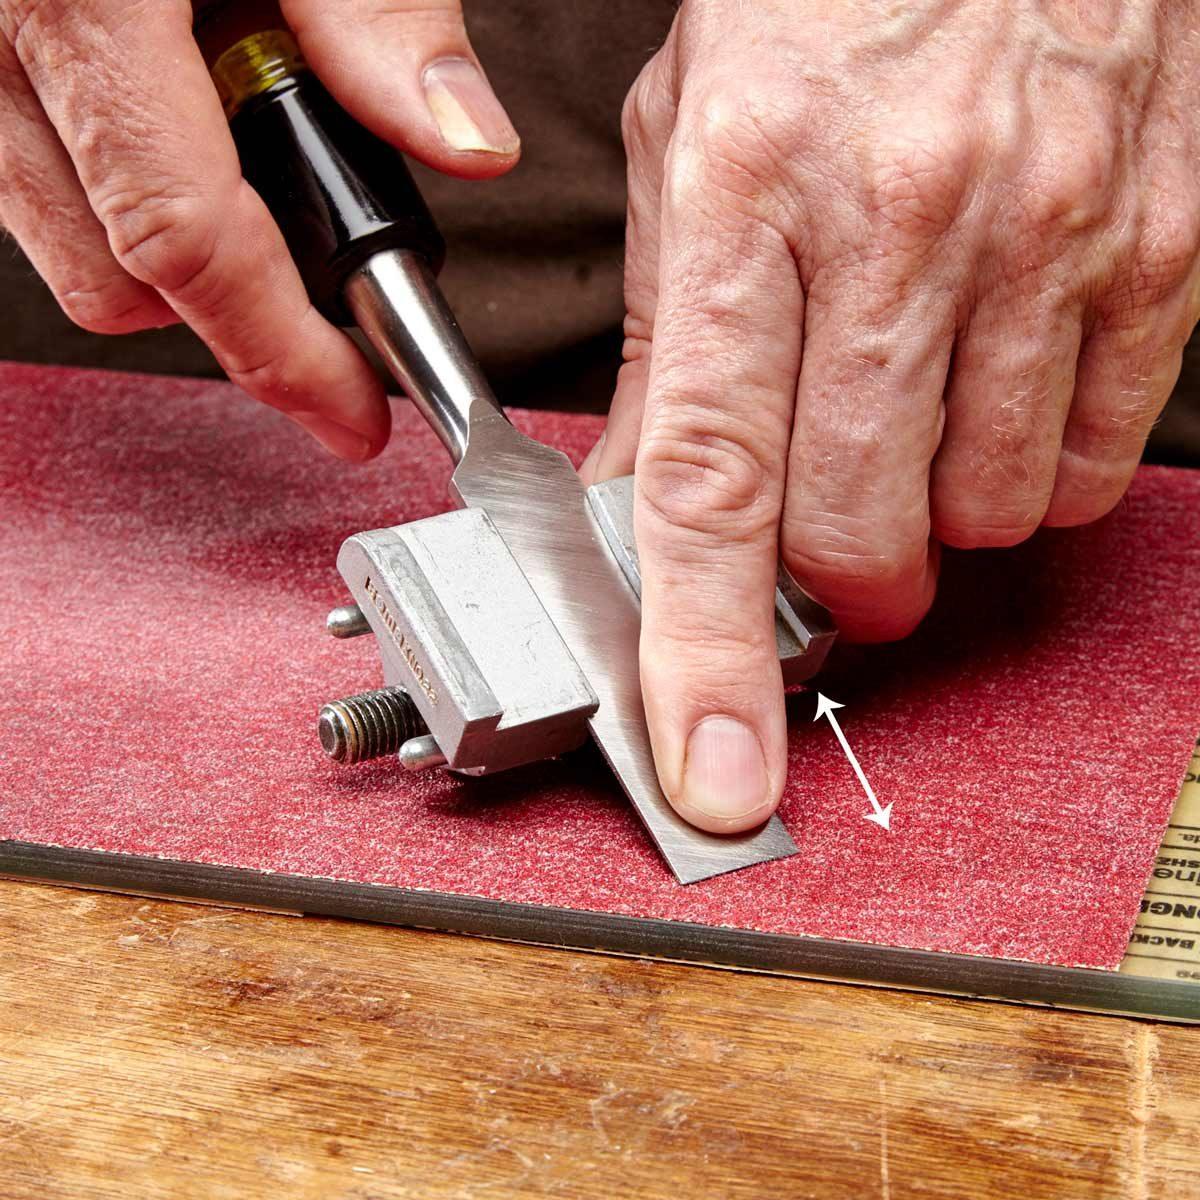 sharpen chisel on sandpaper